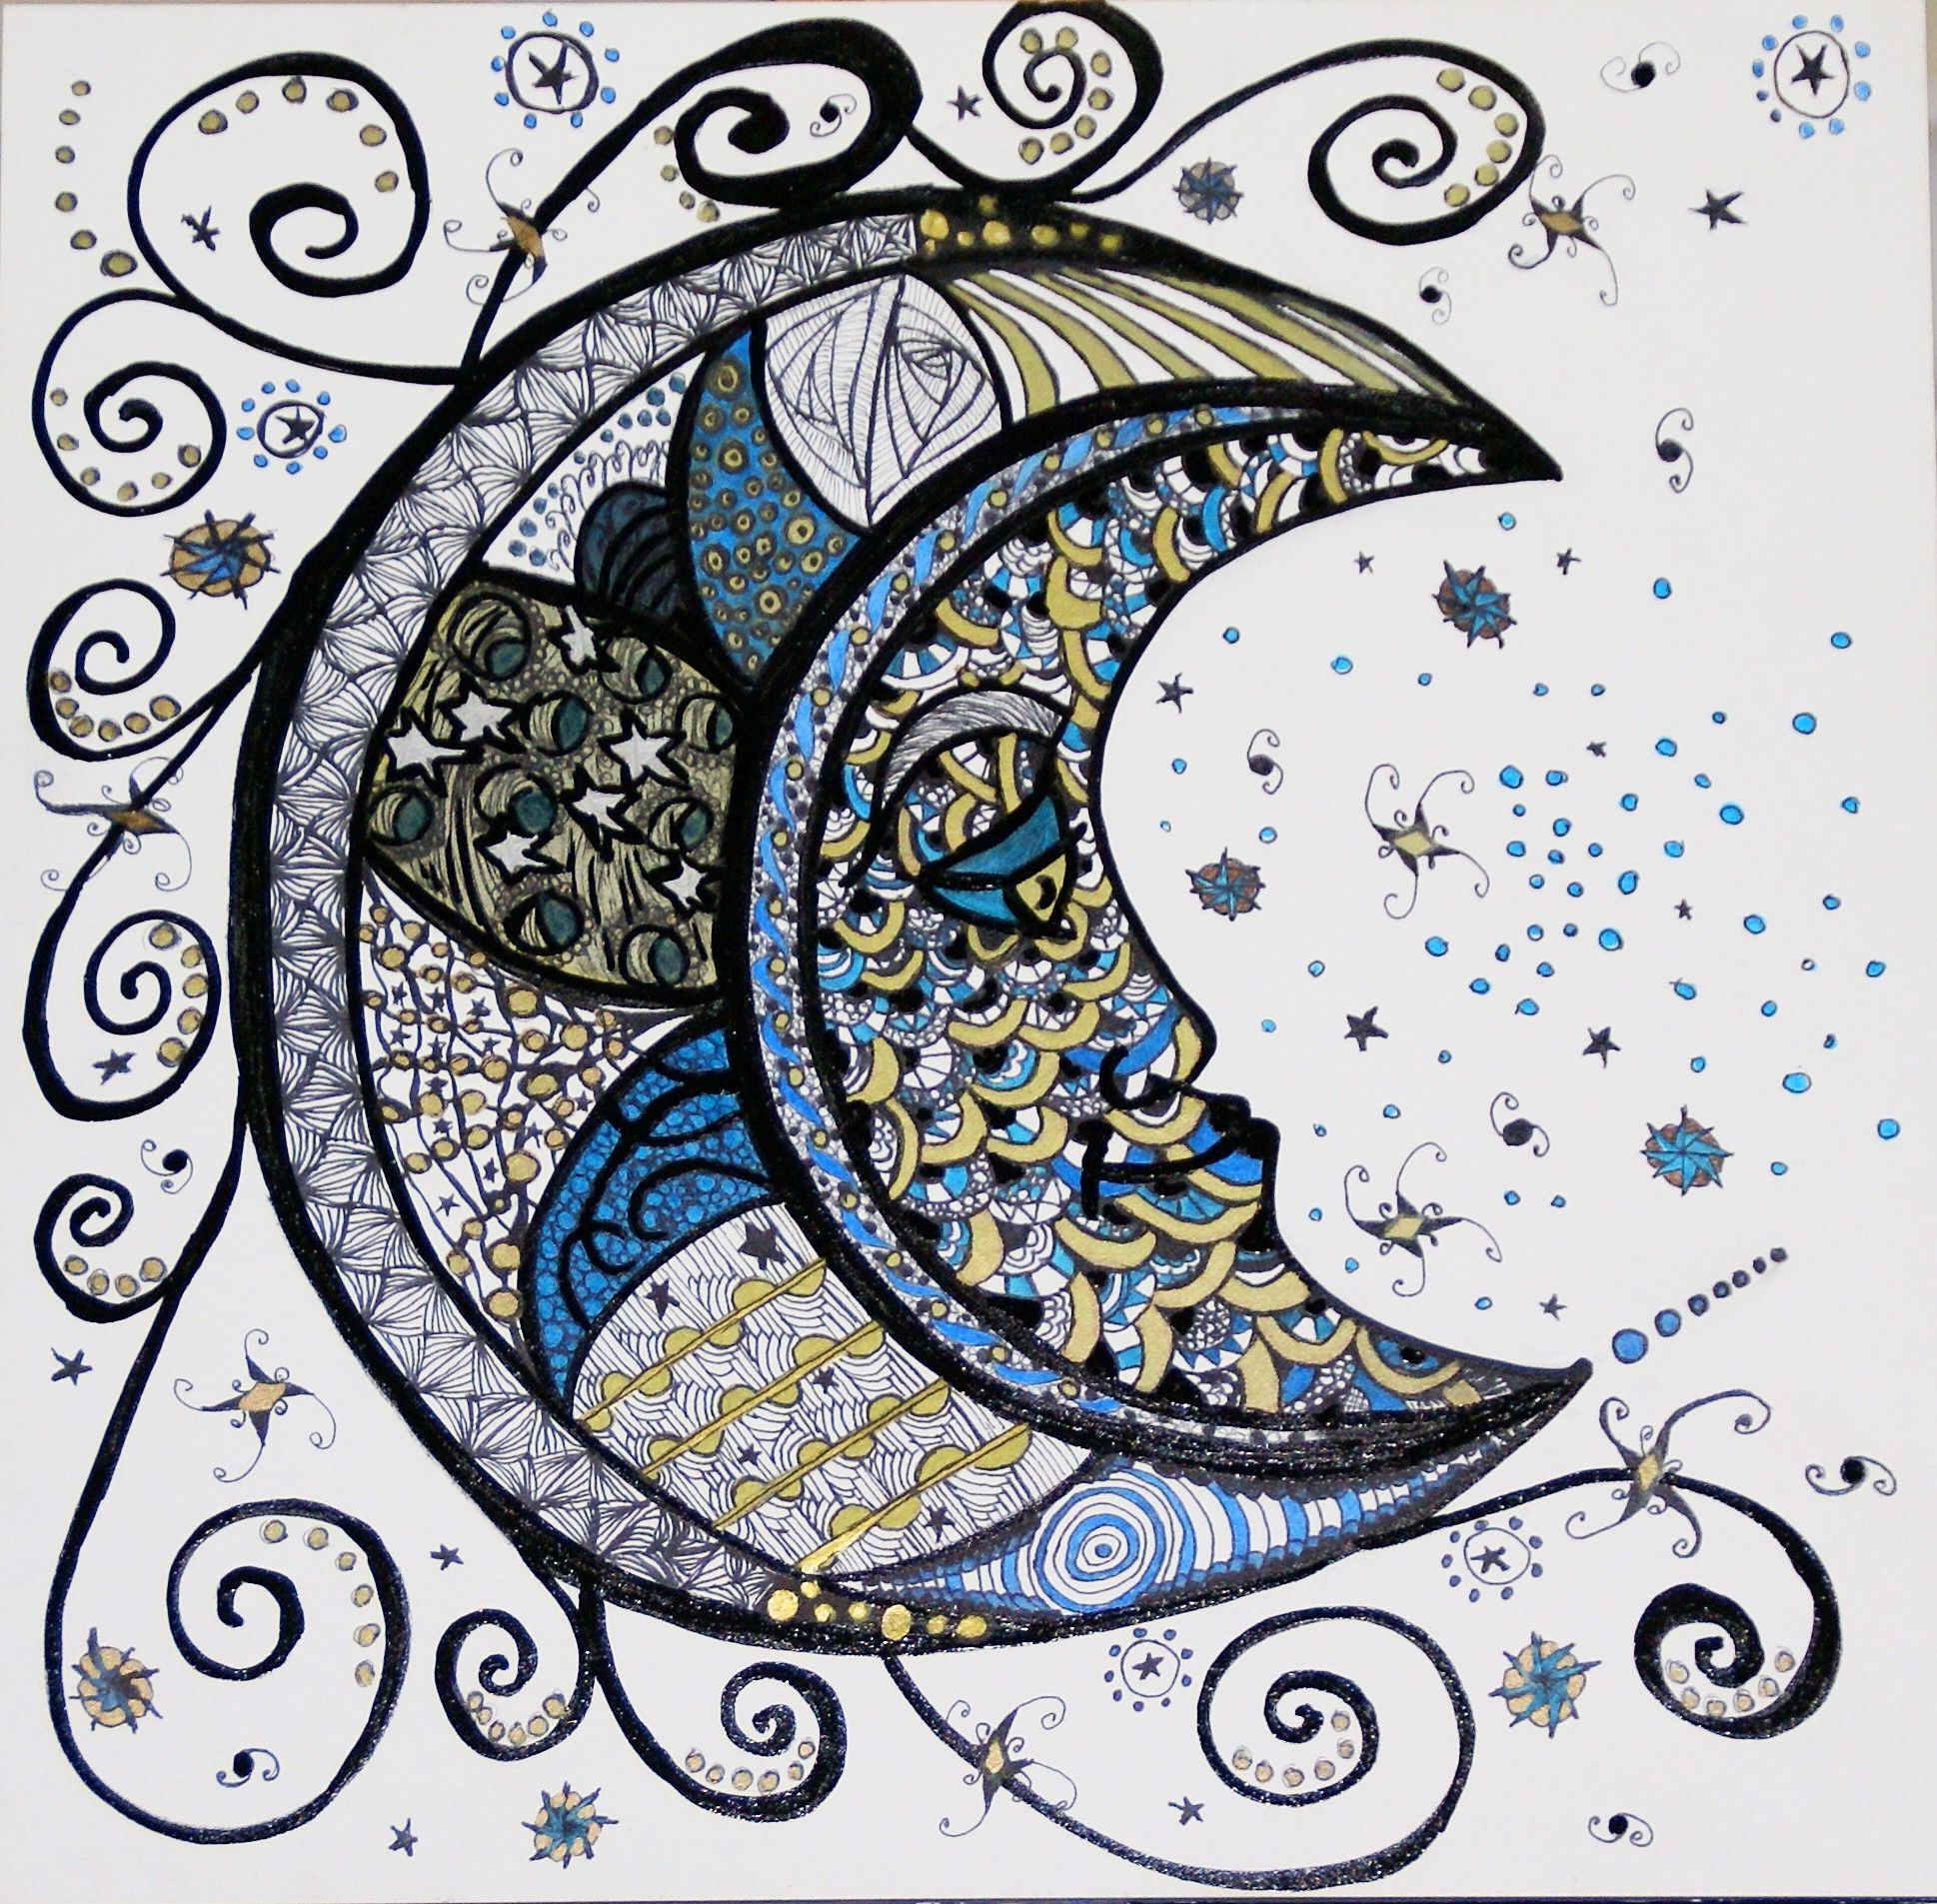 Zentangle 5 The Moon